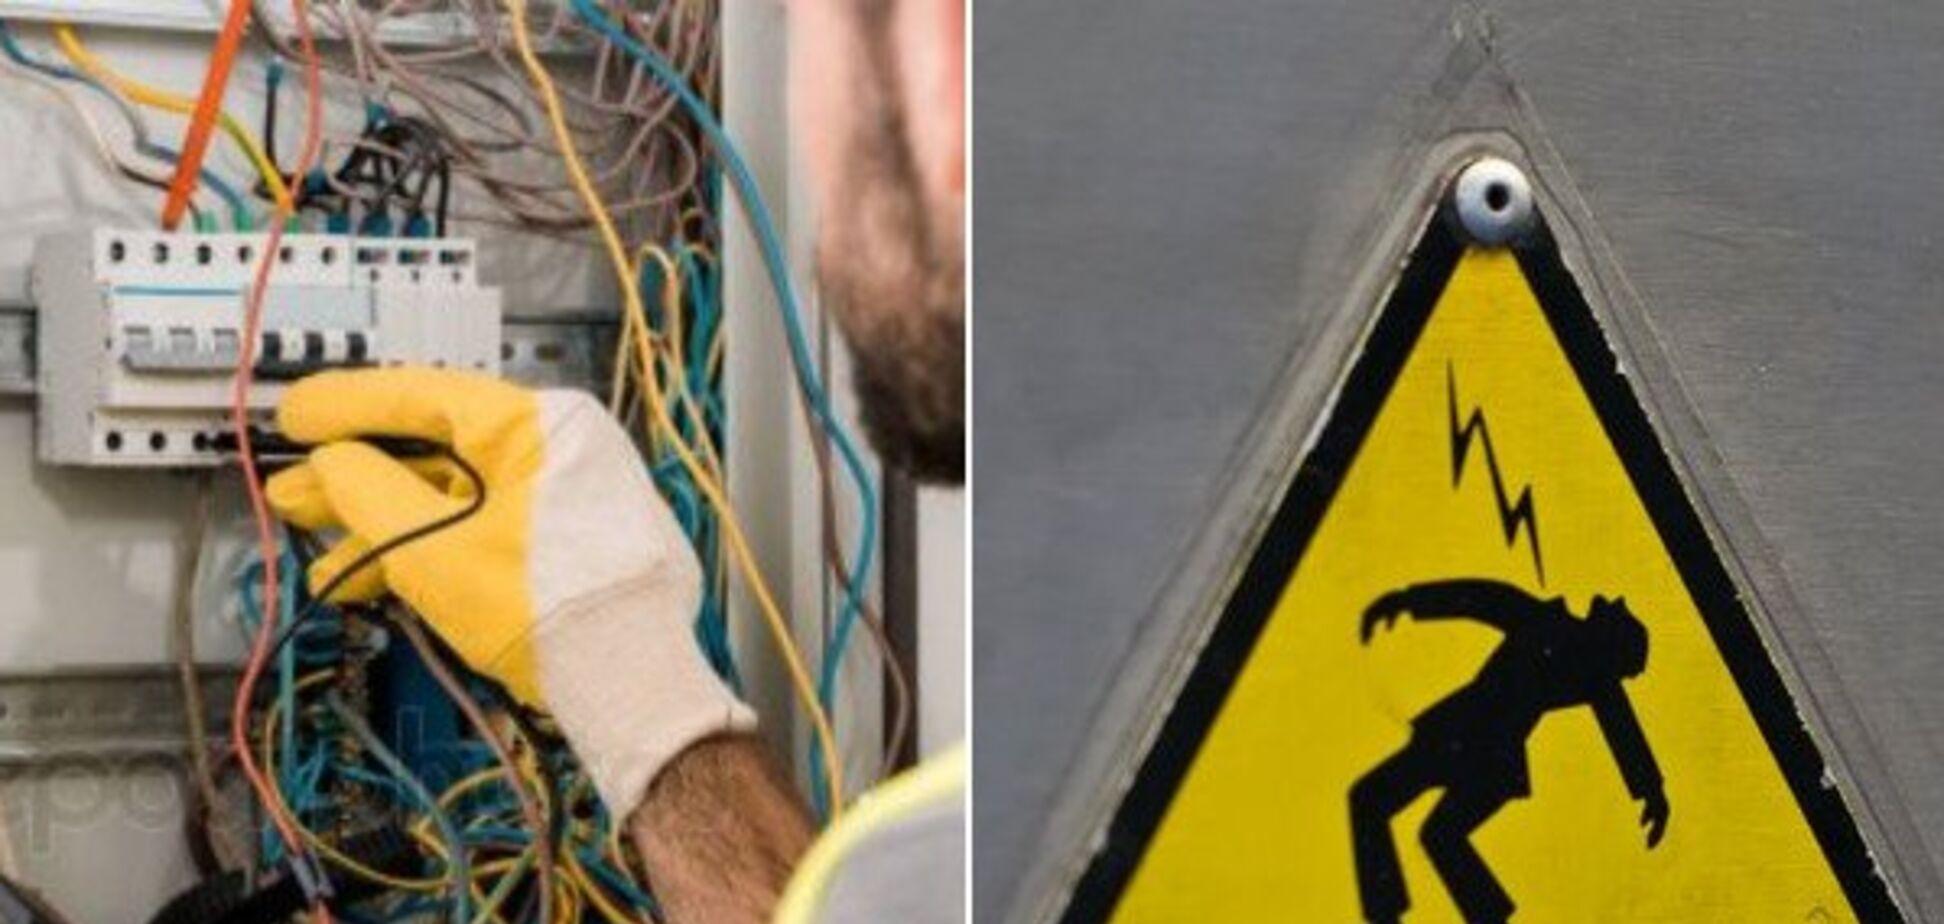 Ігнорував техніку безпеки: в Кривому Розі електрик отримав смертельний удар струмом